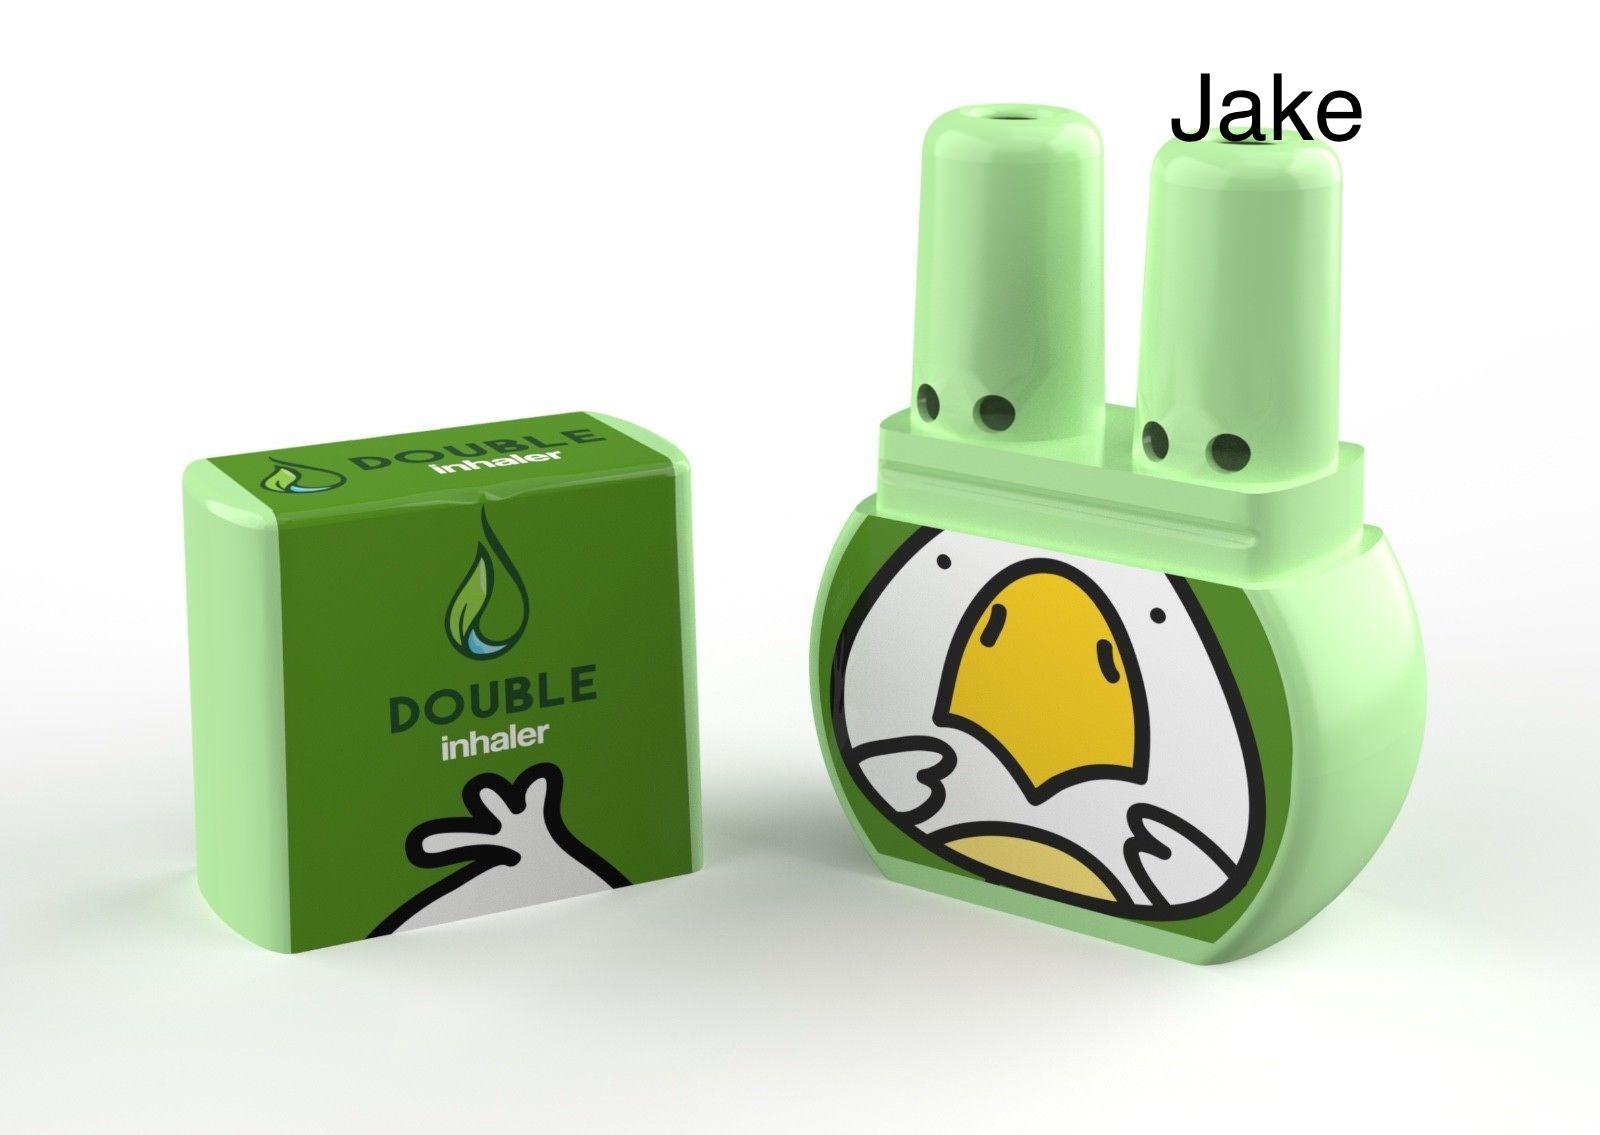 ยาดมดับเบิ้ล แบบ 2 รูดม หอม .. สดชื่น ไม่เหมือนใคร ลาย Jake (ไก่น้อย)